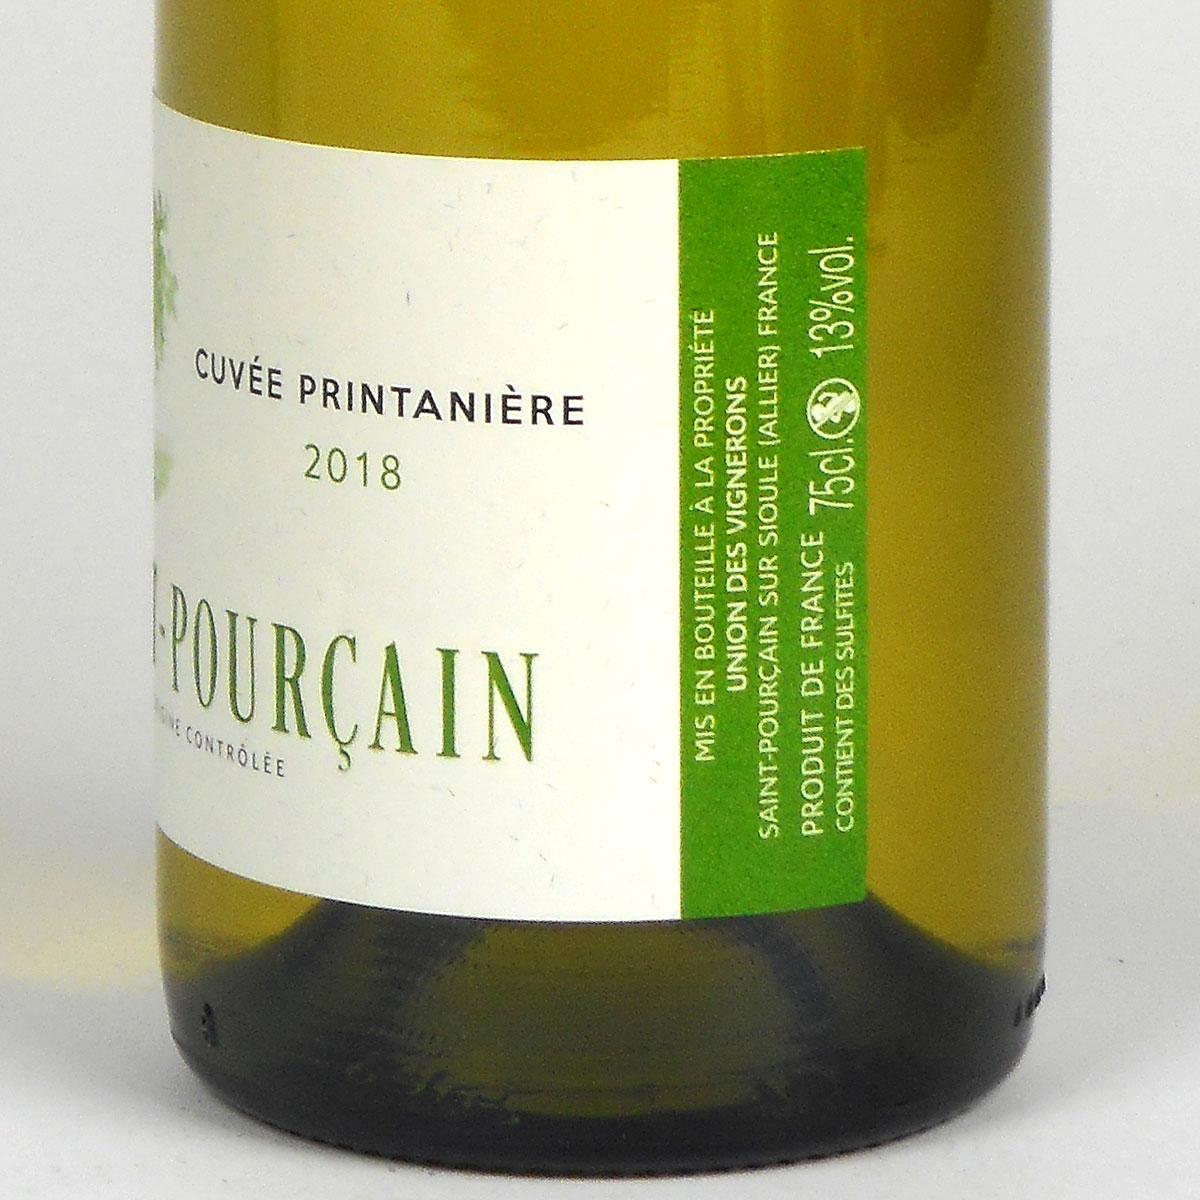 Saint-Pourçain: 'Cuvée Printanière' Blanc 2018 - Bottle Label